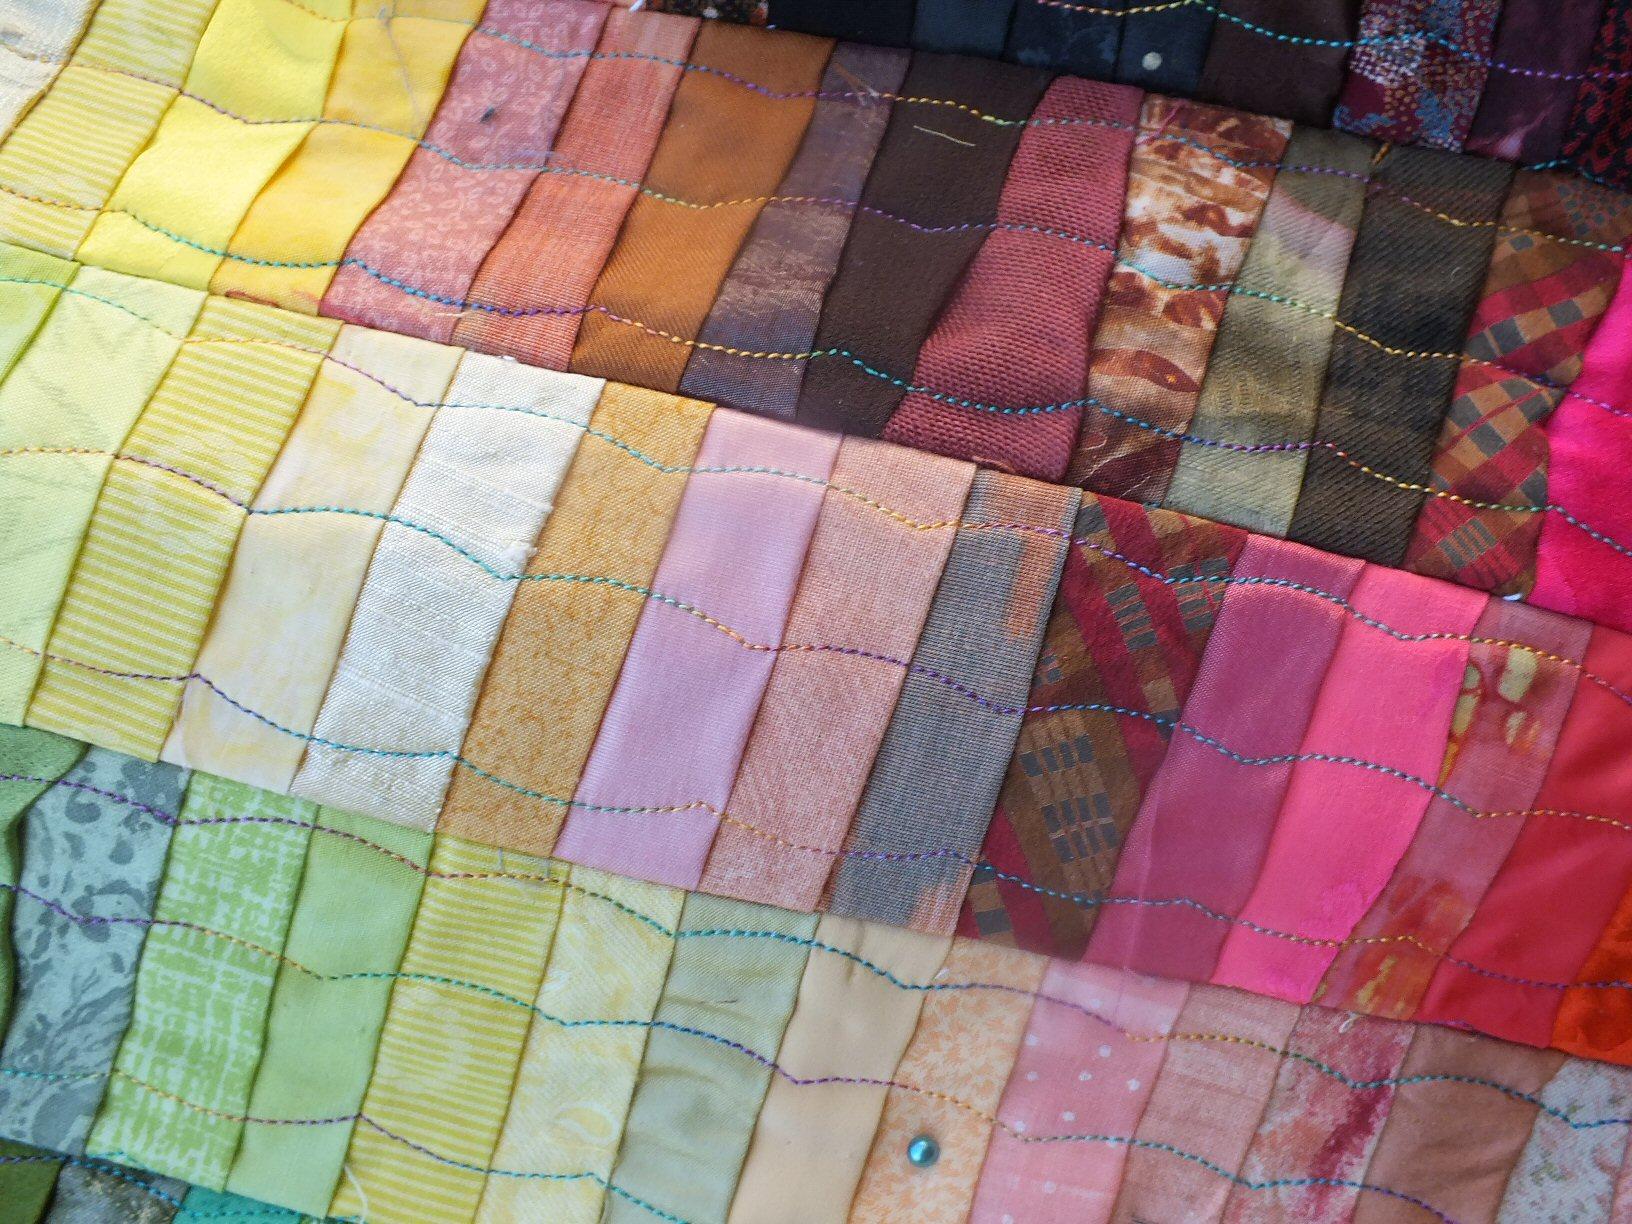 Jacqueline fischer art textile allegro vivace 5